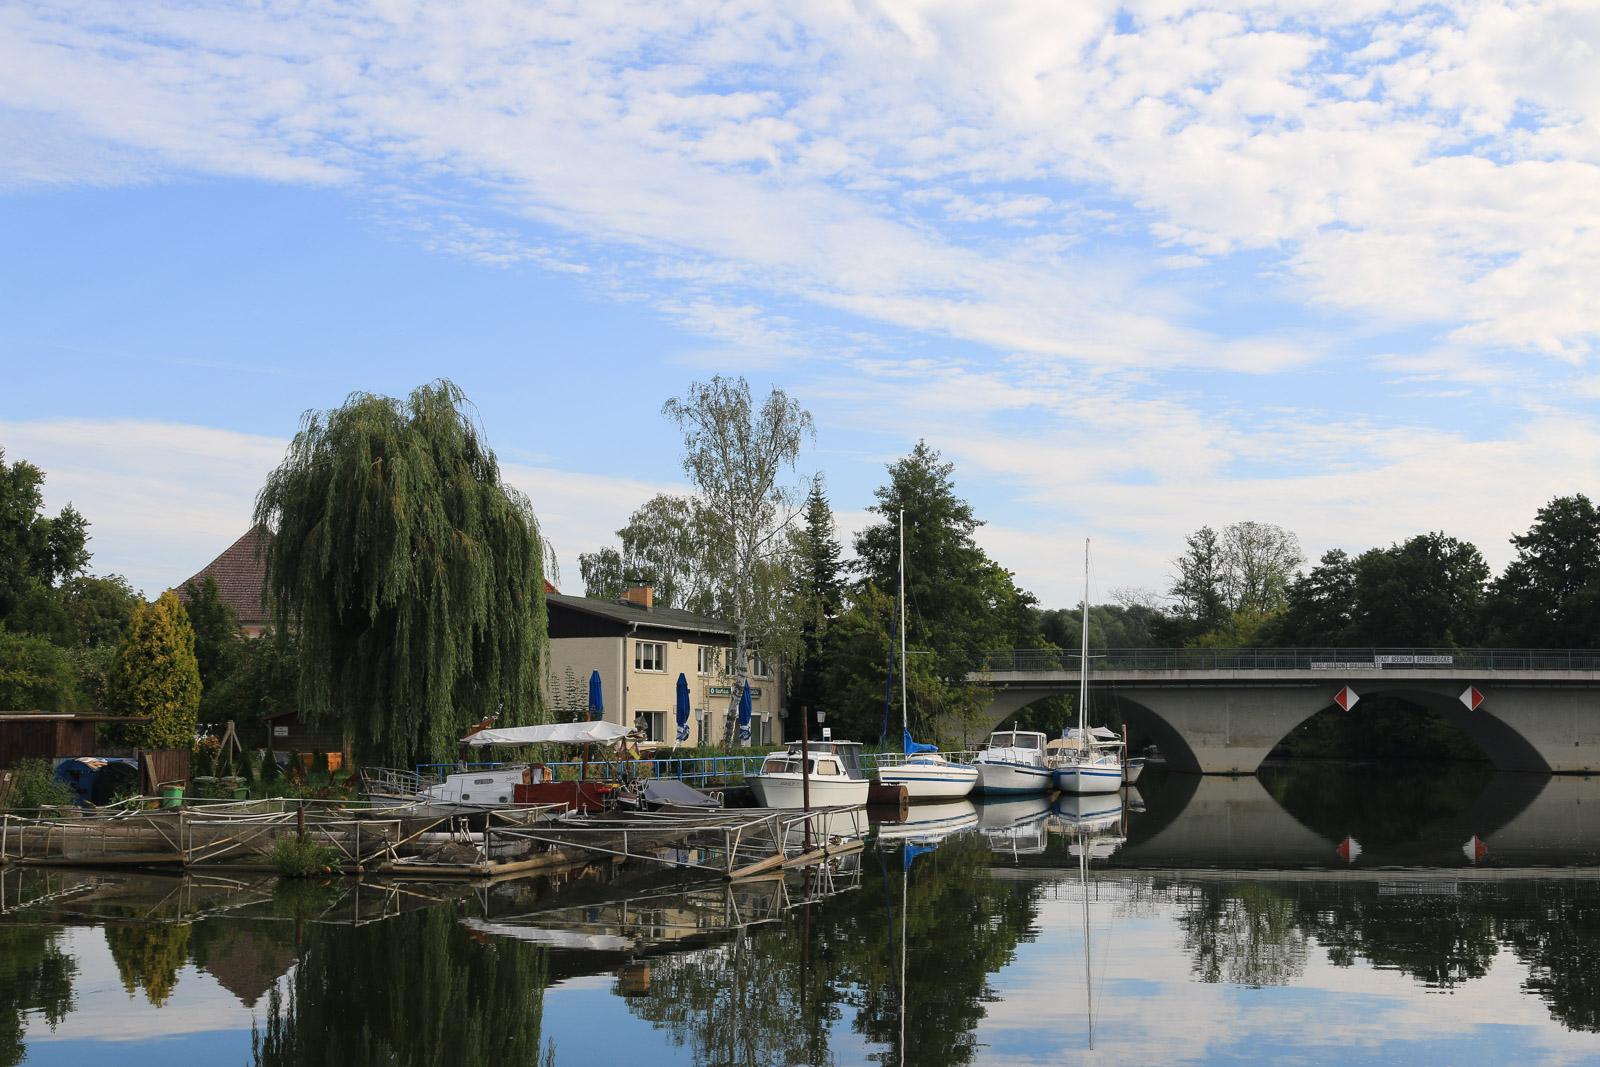 Beeskow vom Wasser aus sieht fast noch idyllischer aus, als von der Landseite.